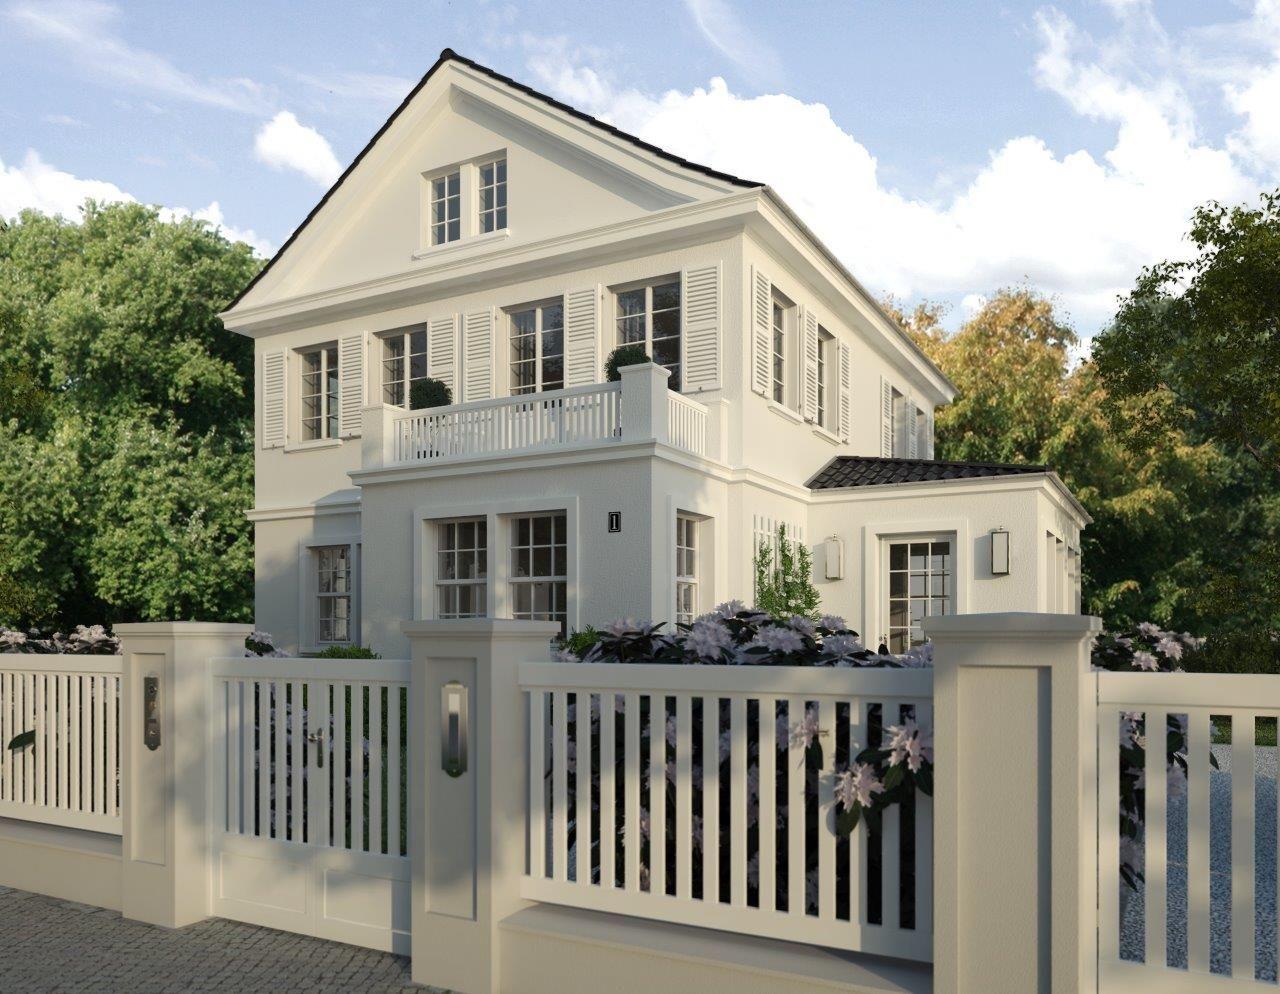 villa amalia tor mit briefkasten und klingelanlage ein wundersch nes schlichtes. Black Bedroom Furniture Sets. Home Design Ideas